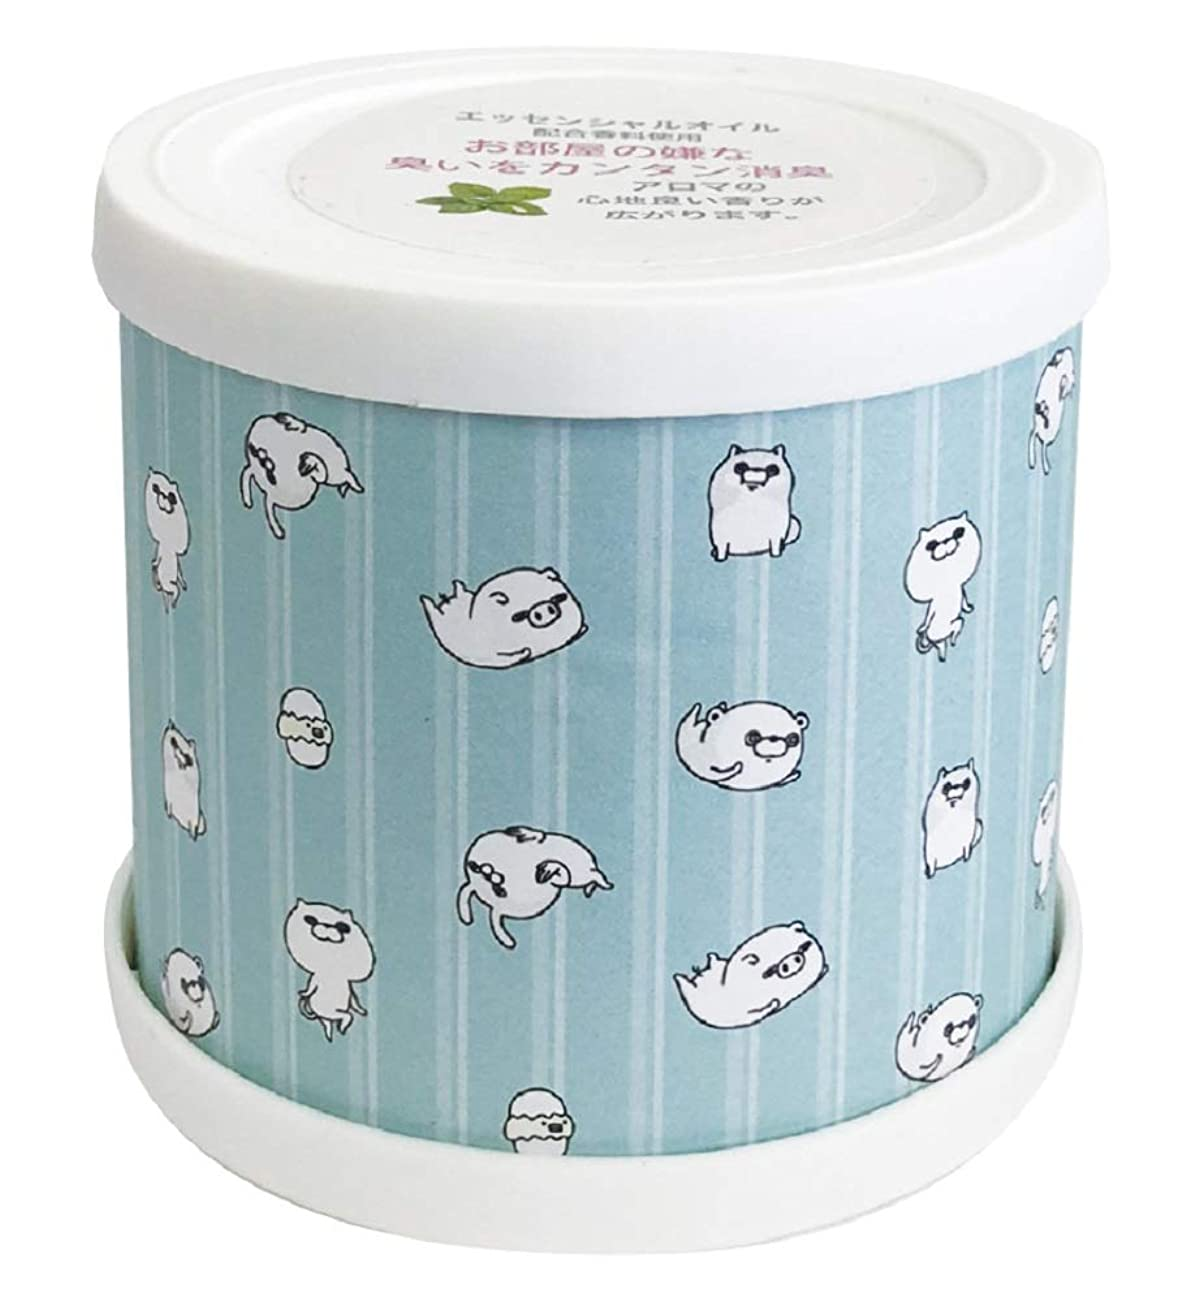 バレエ充実インデックスヨッシースタンプ フレグランスジェル パターン青 置き型 消臭成分配合 グリーンティーの香り ABD-021-001